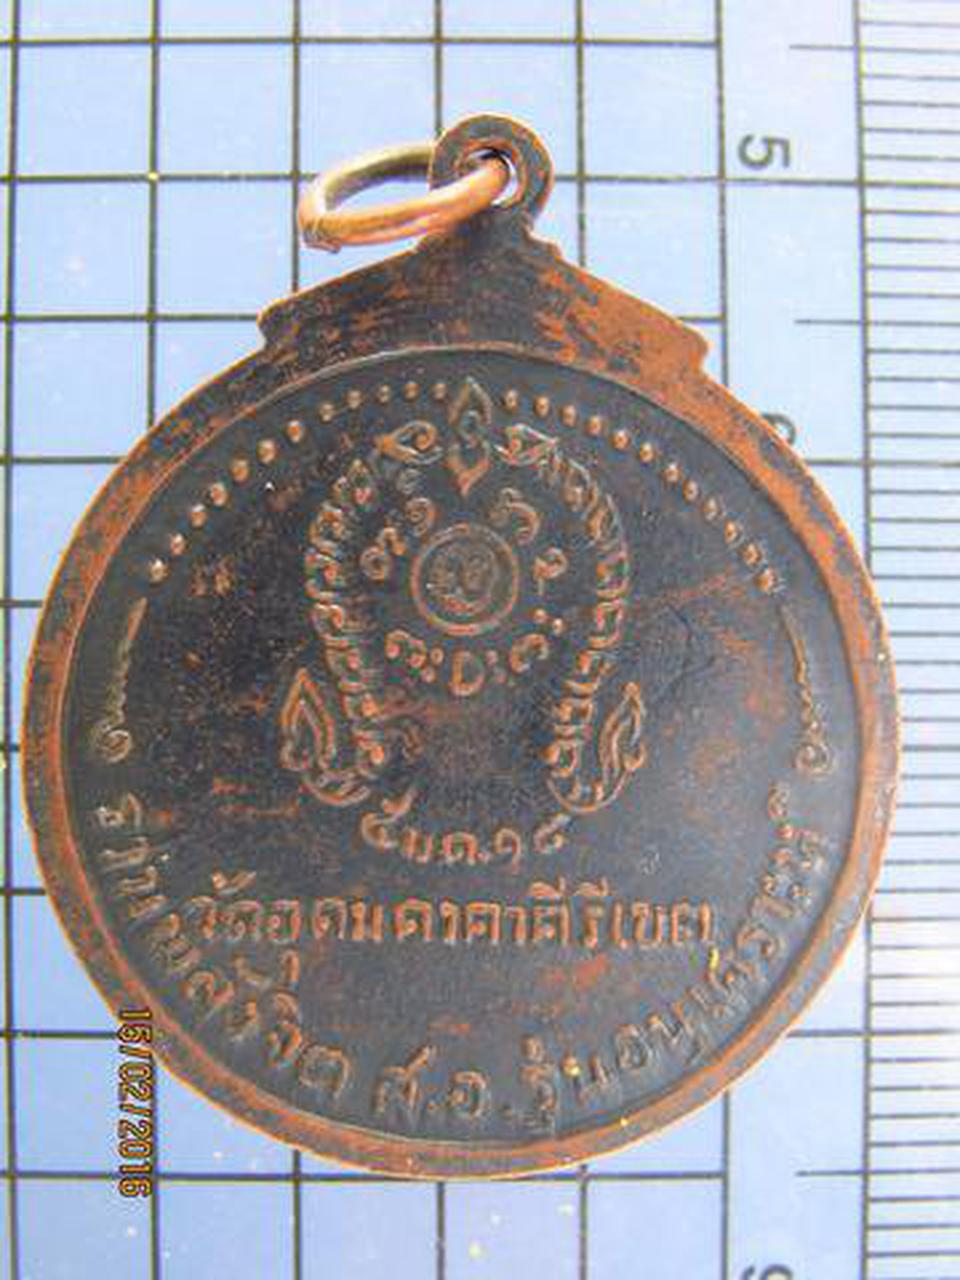 3137 เหรียญร่วมพลังจิต หลวงพ่อผาง วัดอุดมคงคาคีรีเขตต์ รุ่น  รูปที่ 1